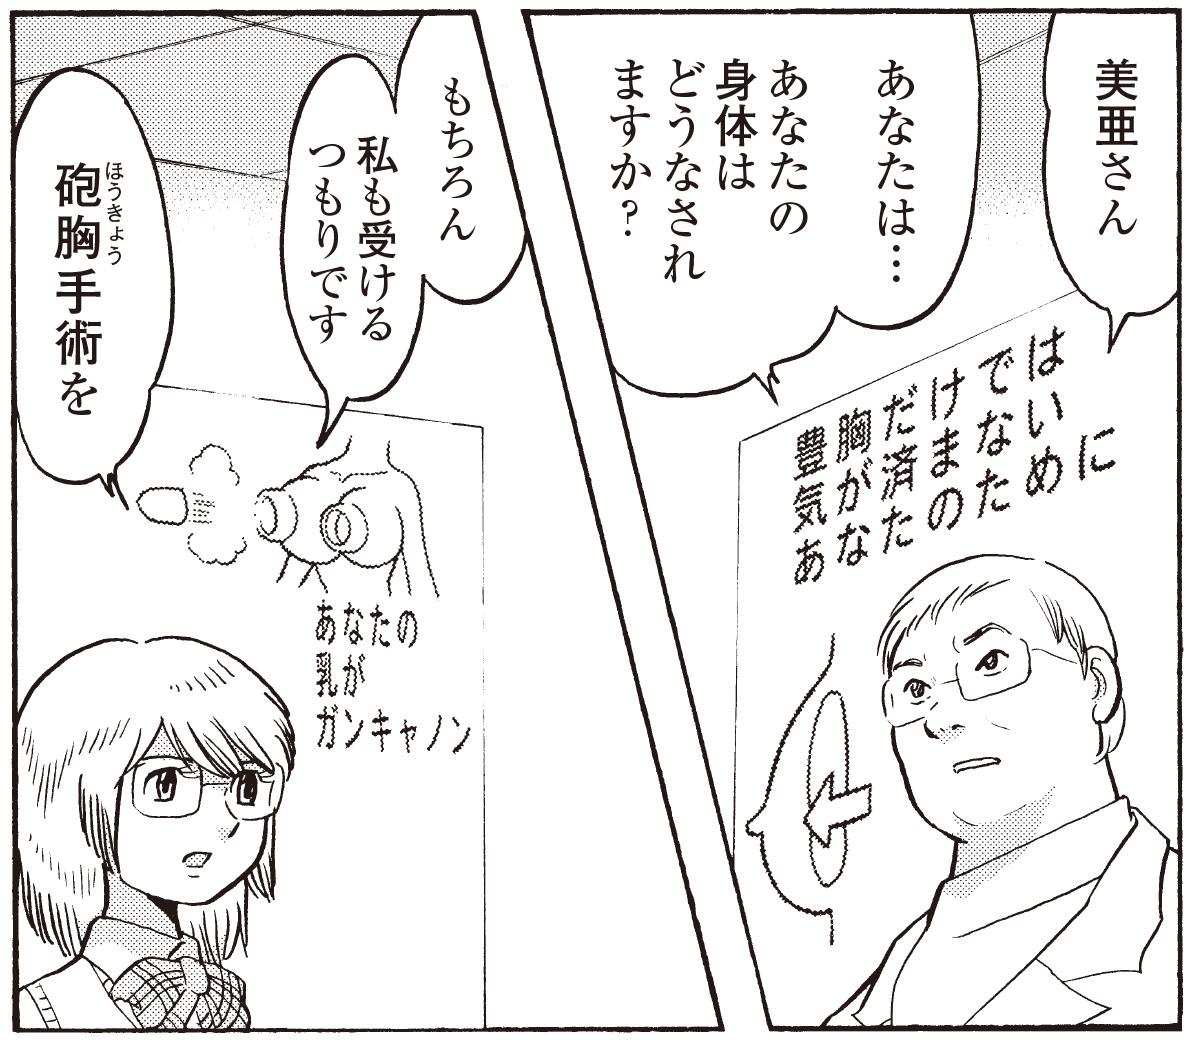 『夏のモンド』田中圭一